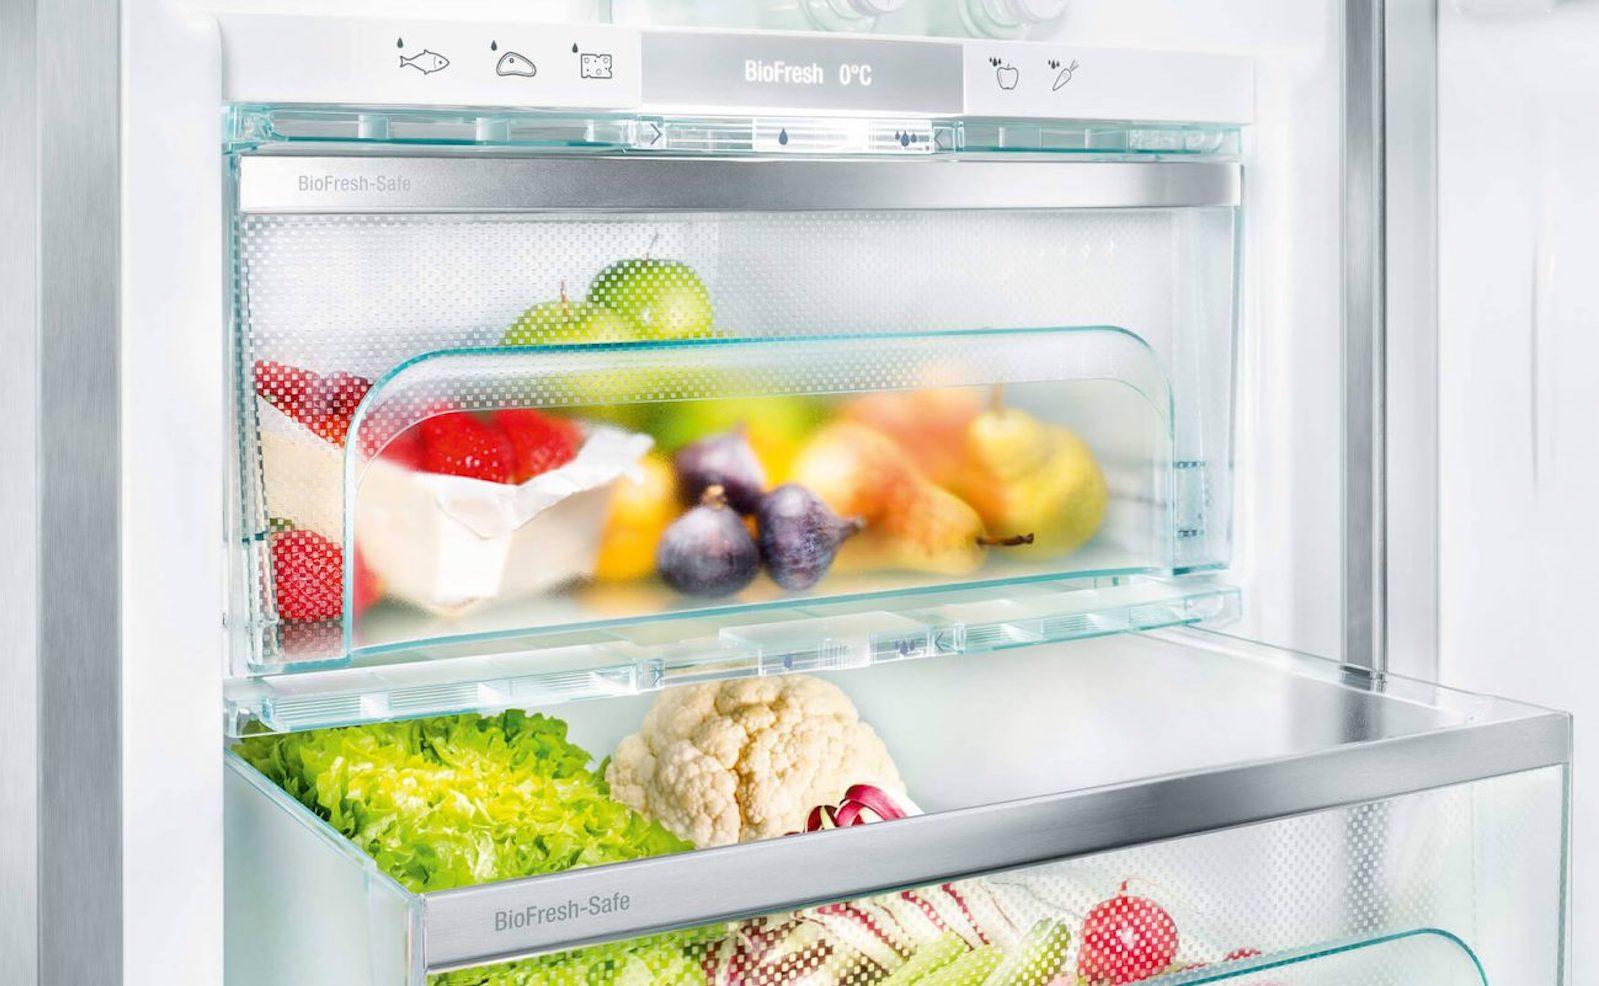 Lebensmittel länger frisch genießen mit den BioFresh Safes von Liebherr